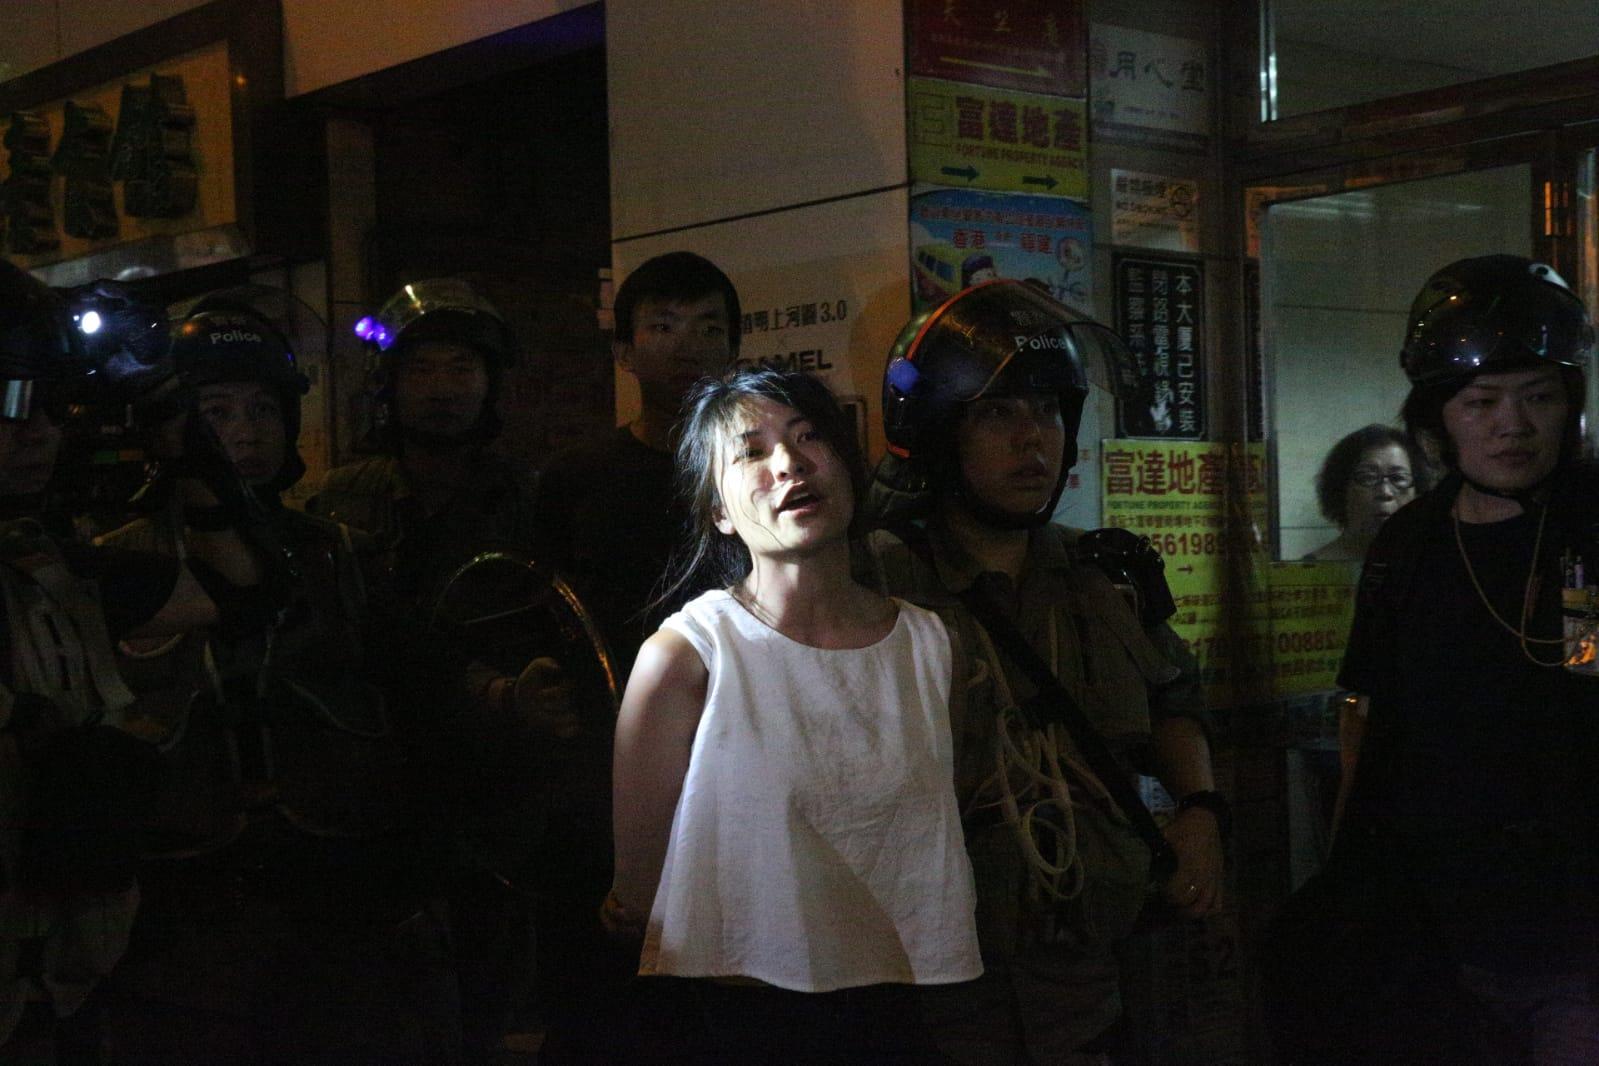 仇栩欣被捕。